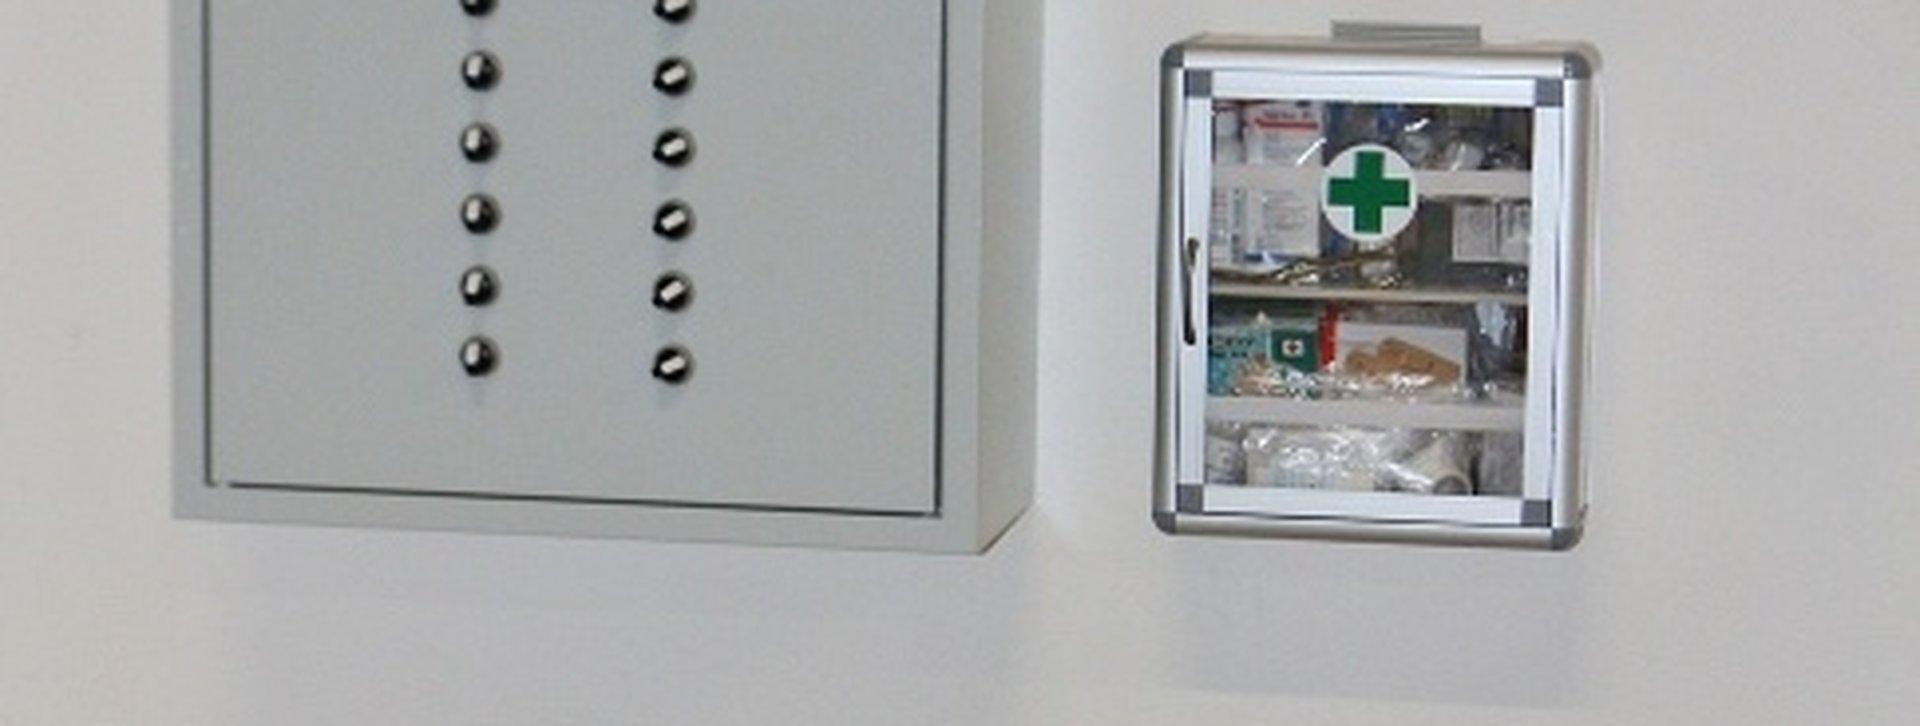 pronajem-skladovaci-plochy-a-haly-se-sluzbami-dopravy-a-spedice-4258